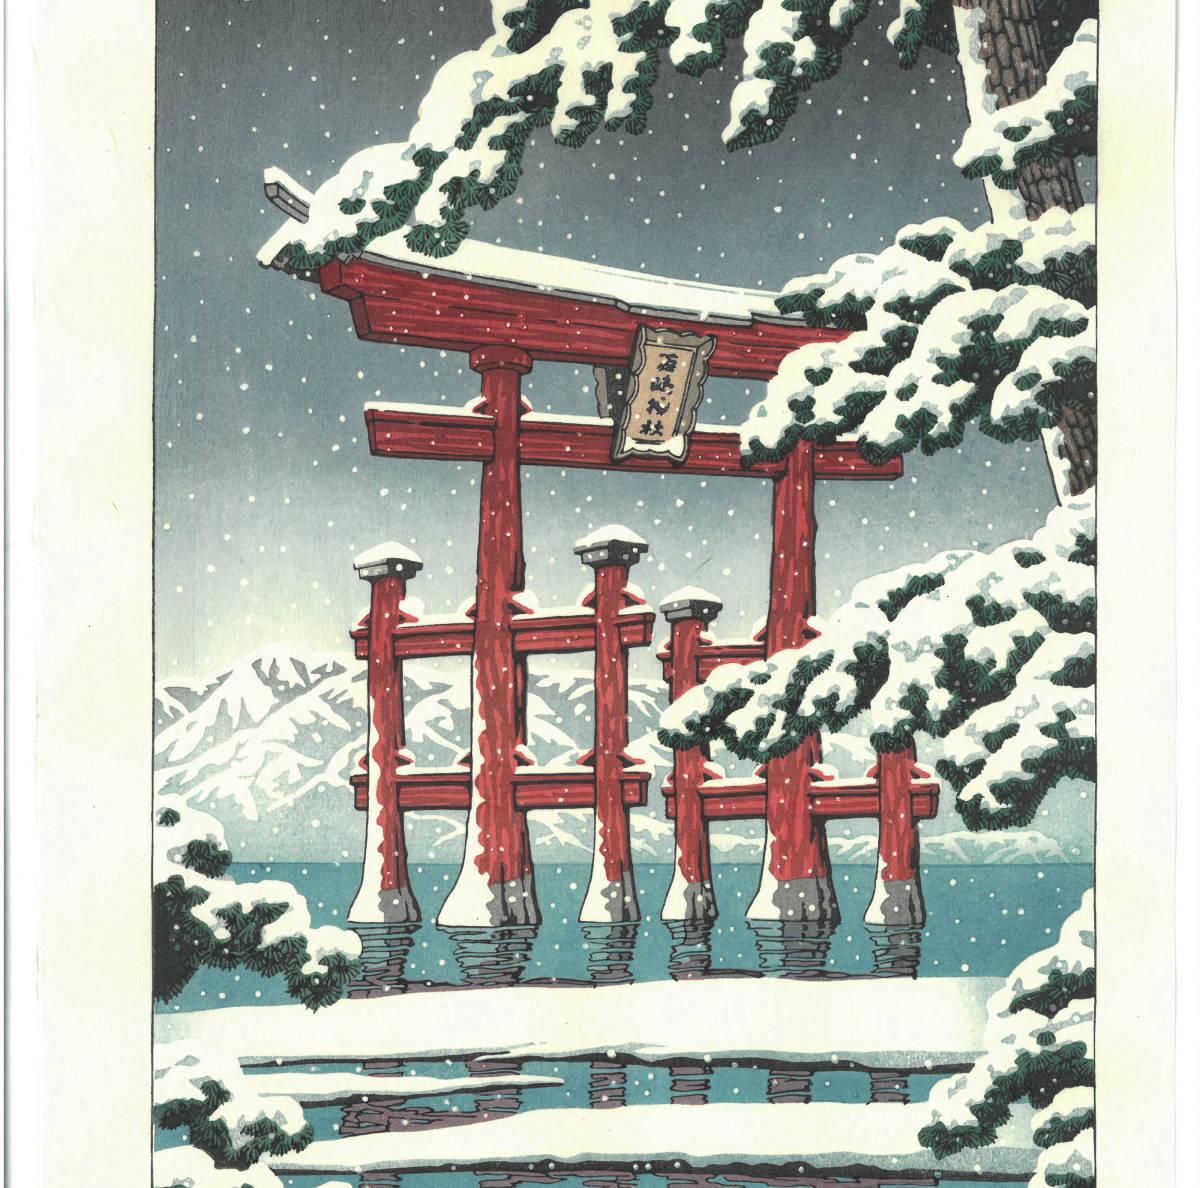 川瀬巴水 木版画 HKS-2  雪の宮島 初版 1929年 昭和4年 (新版画) 最高峰の摺師による貴重な巴水木版画を堪能下さい!!_画像4